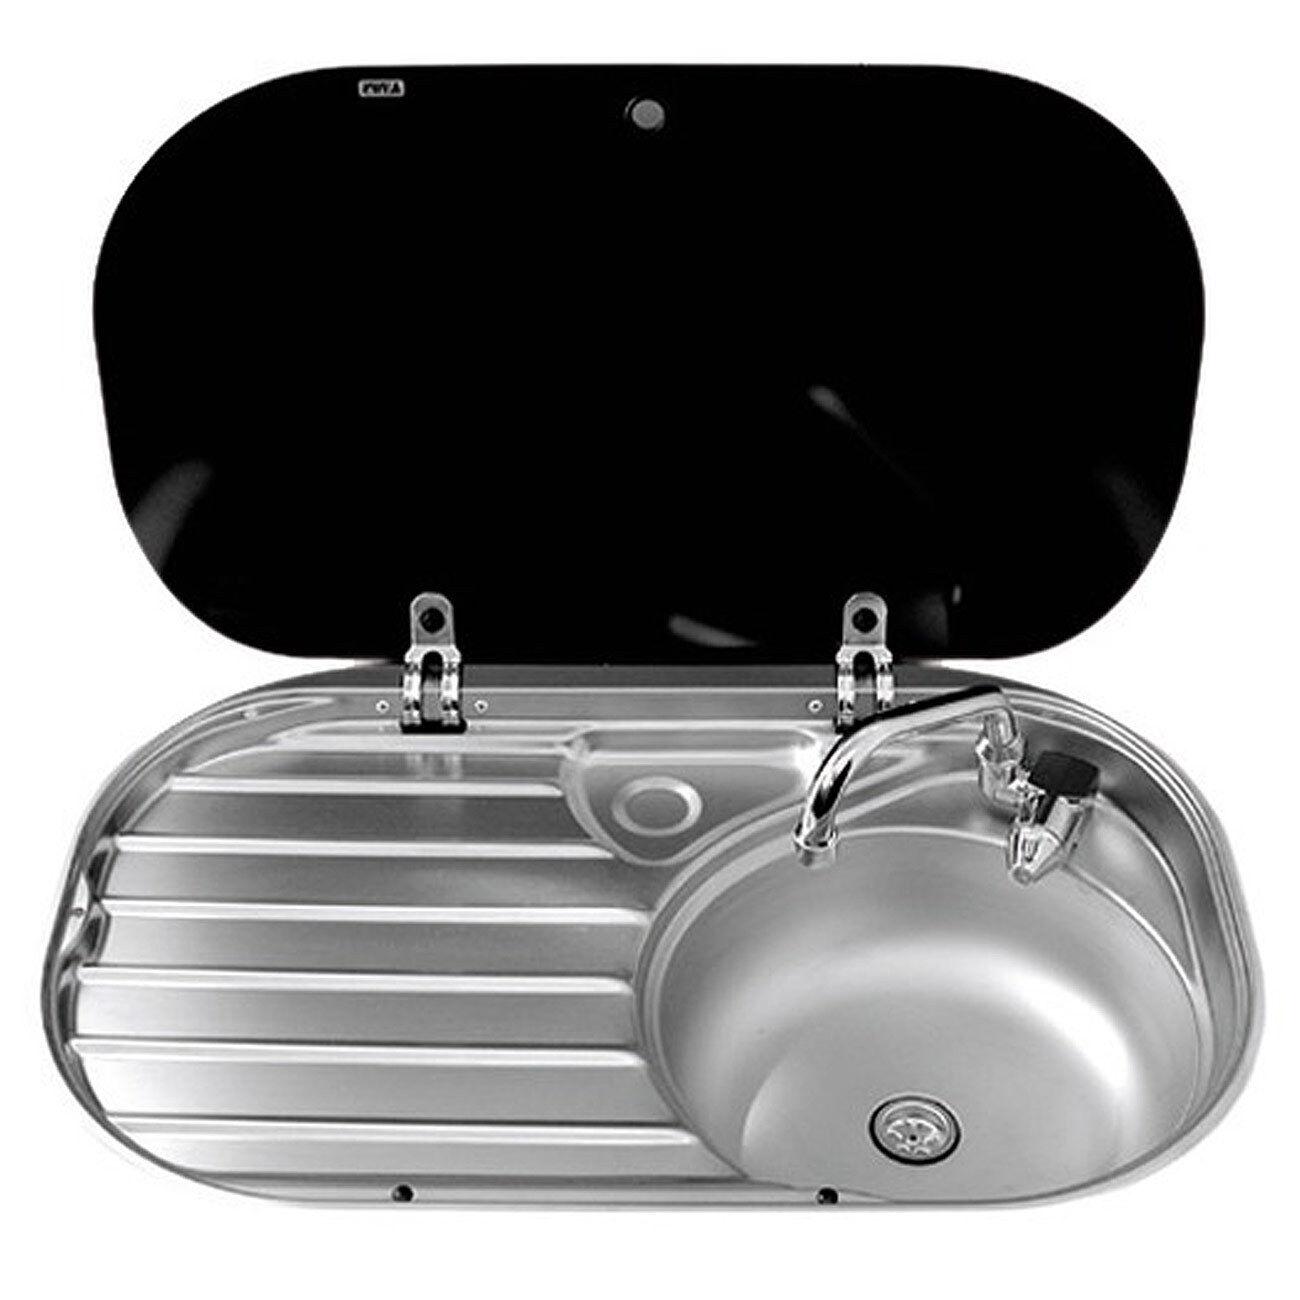 Osculati Messing Spüle mit mit mit Abtropffläche und Klapphahn 68x44cm Caravan Pantry 3cc0dc